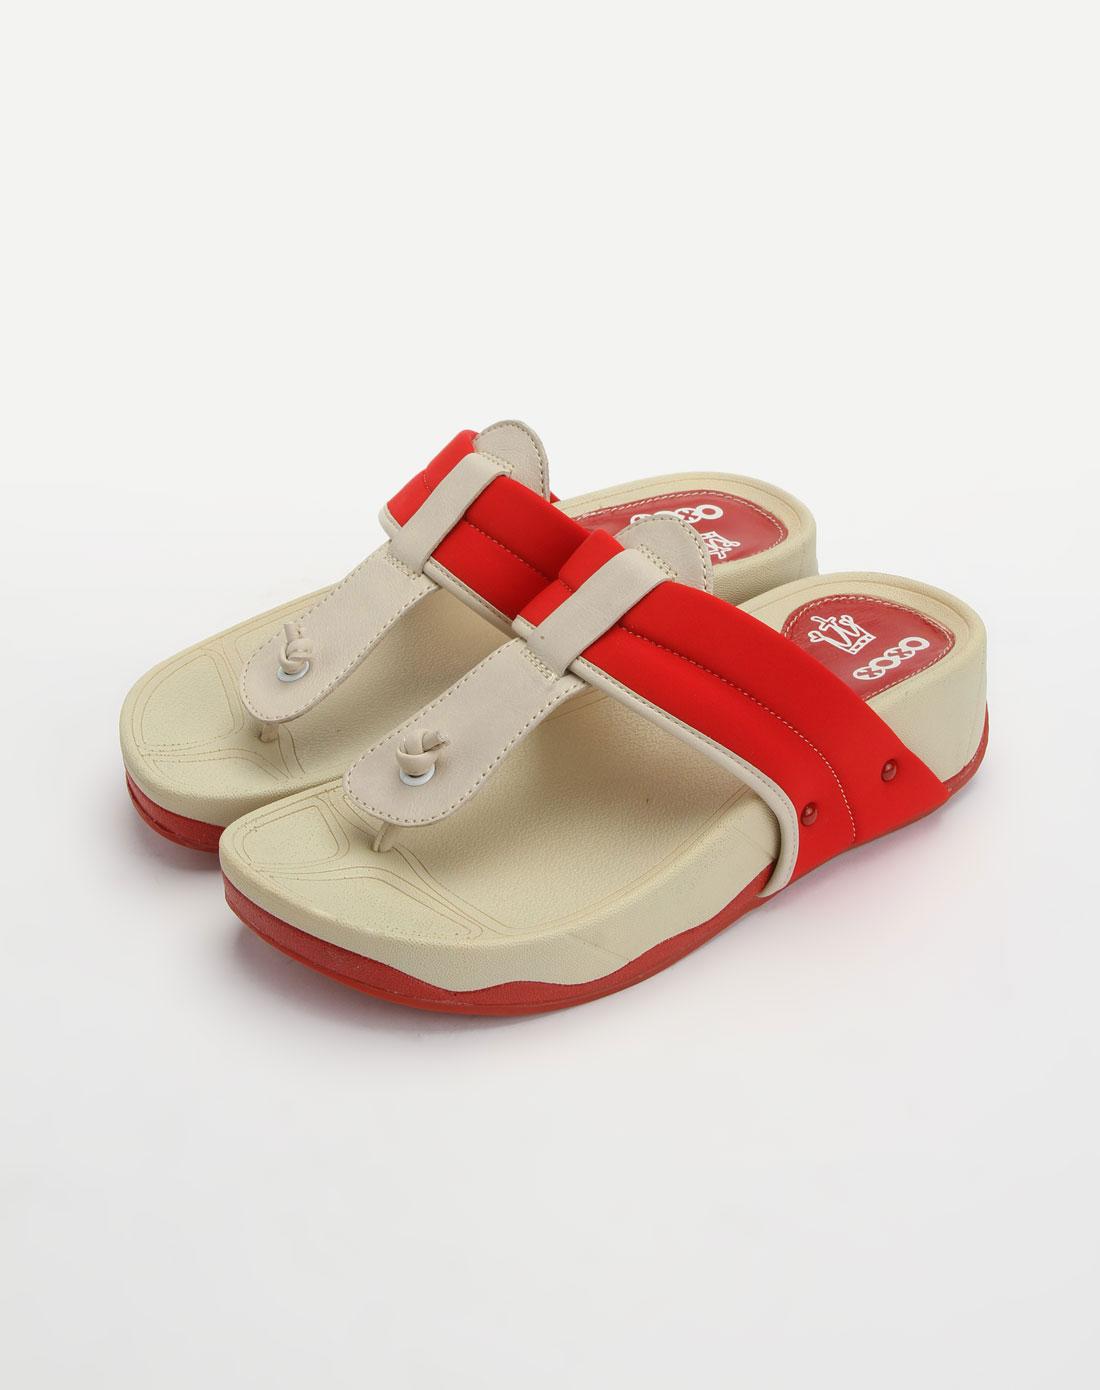 红/米白色时尚休闲凉拖鞋